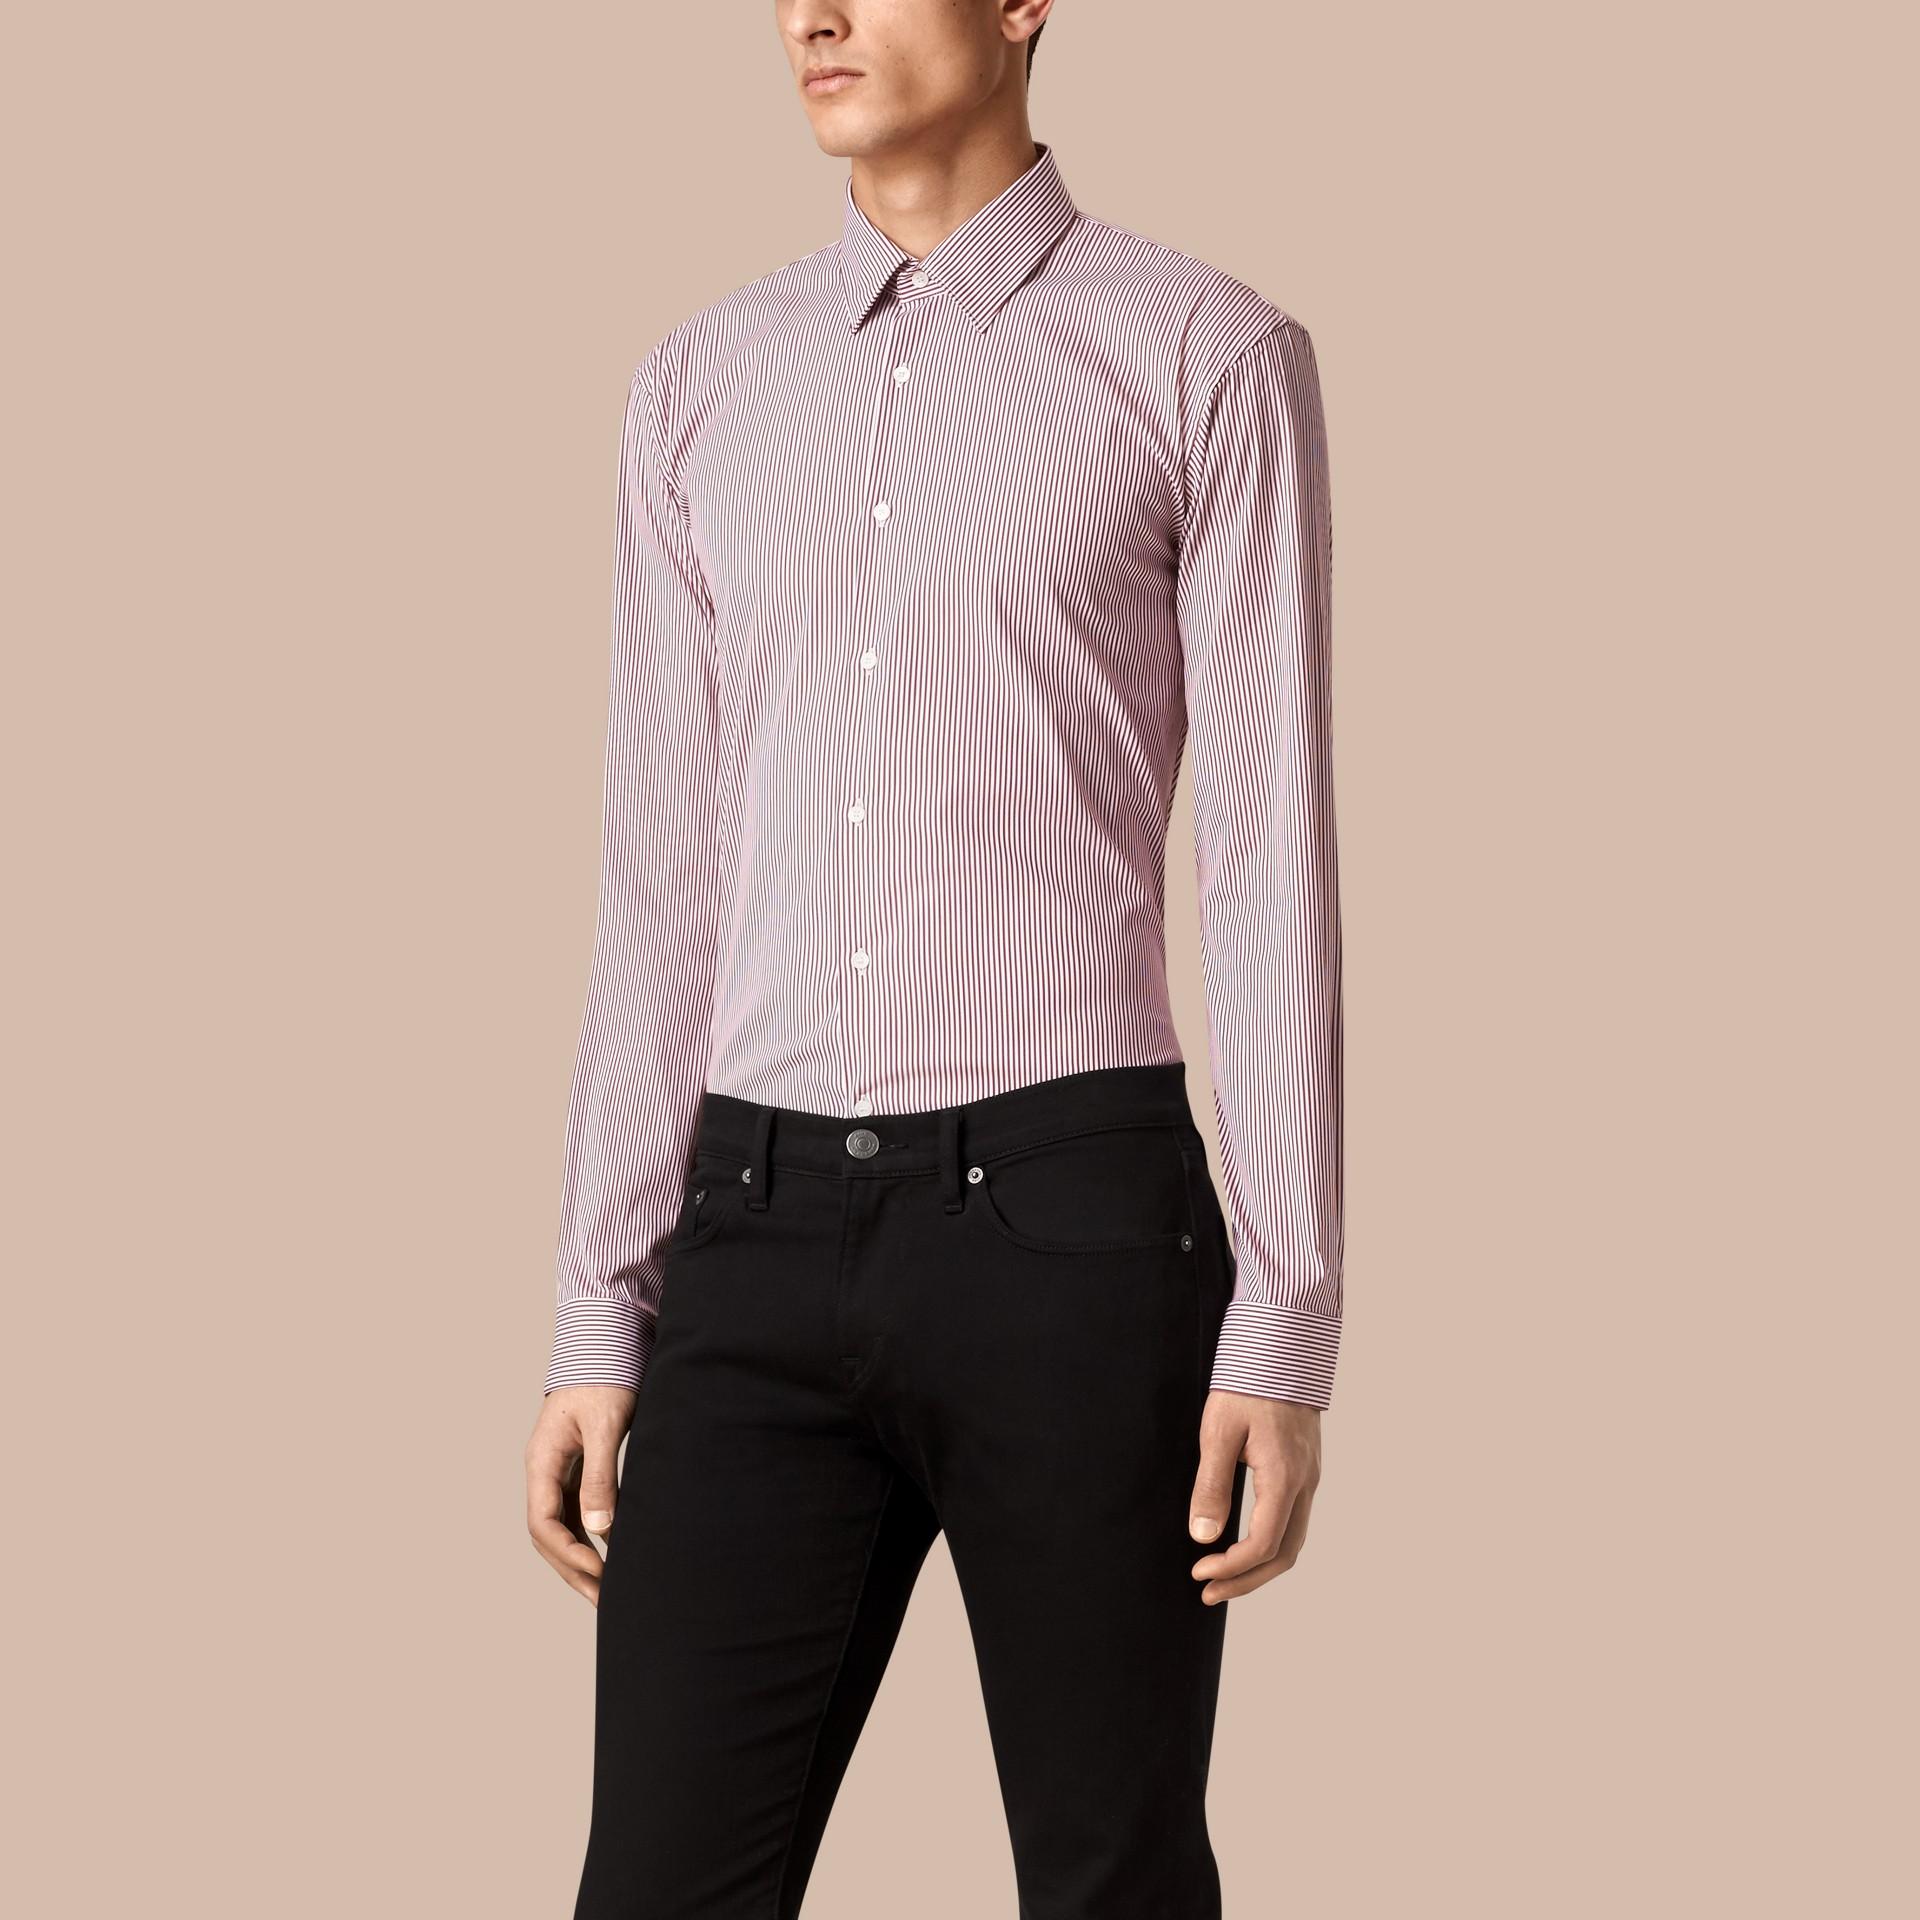 Vinho escuro Camisa listrada de algodão stretch com corte moderno Vinho Escuro - galeria de imagens 1